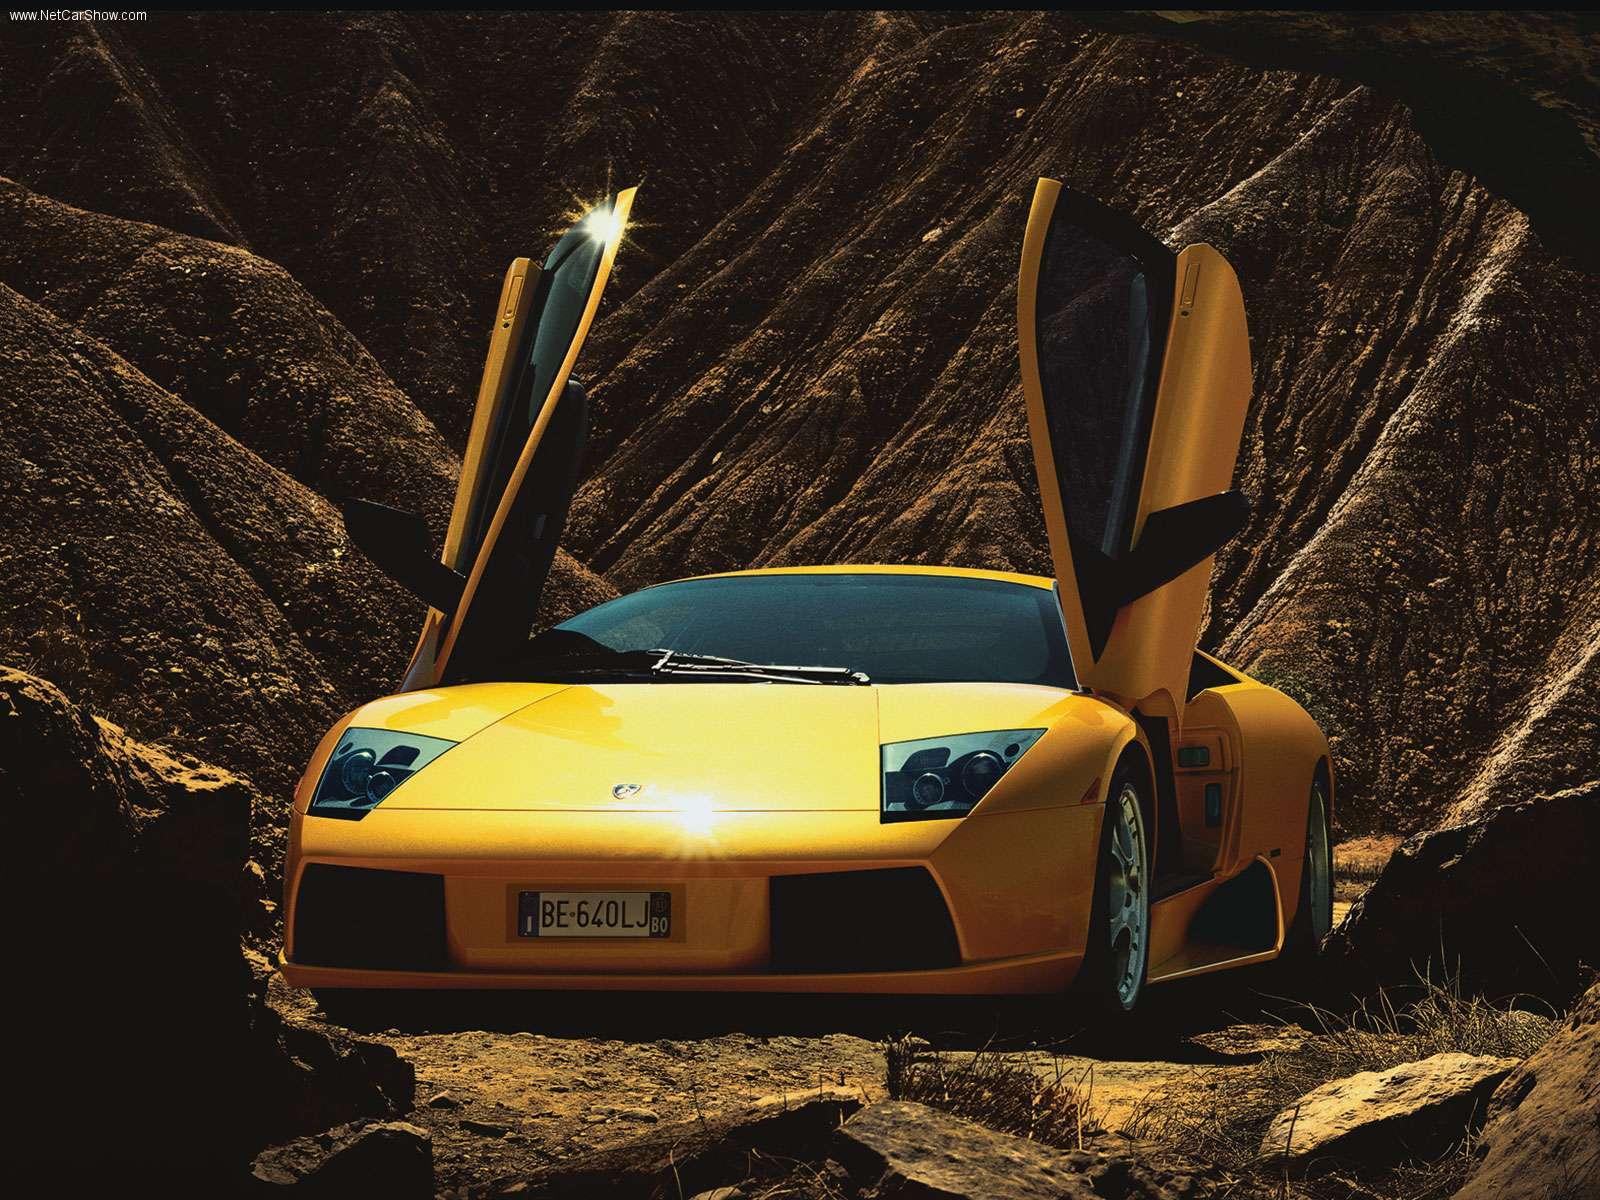 Luxury Lamborghini Cars: Lamborghini Murcielago Wallpaper